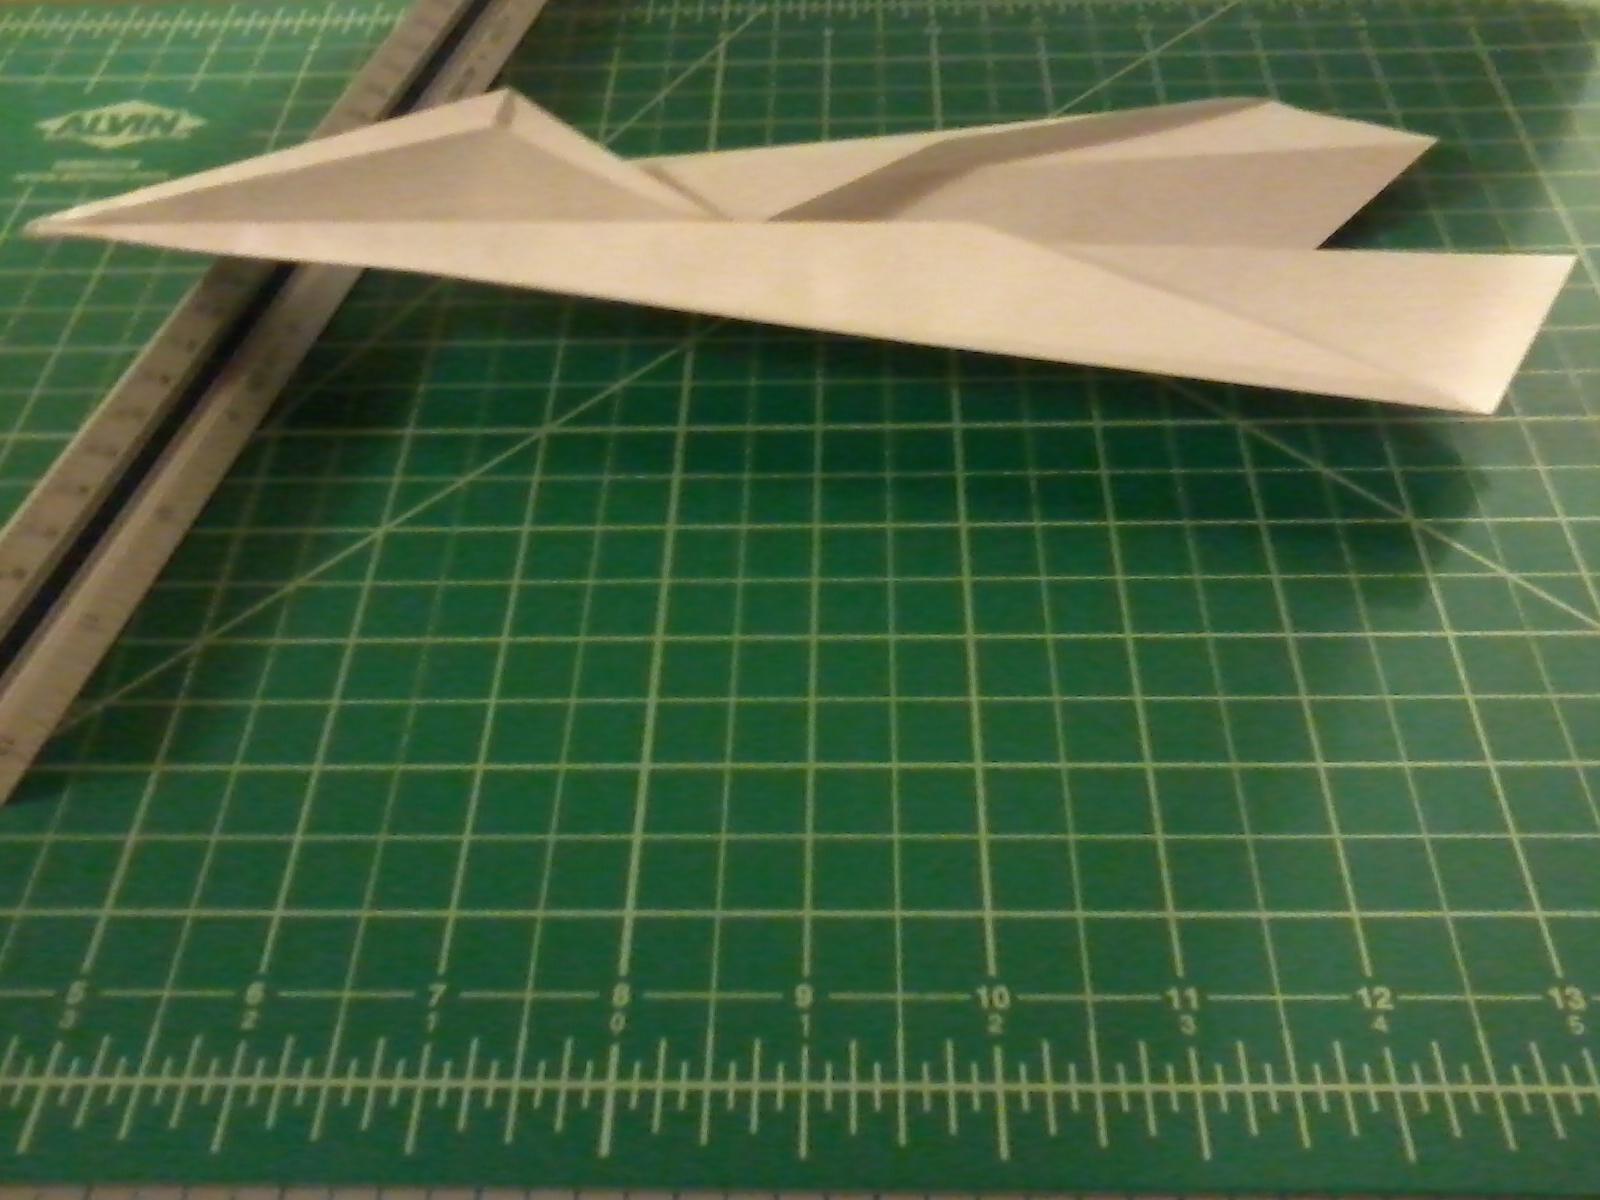 Blackbird Paper Airplane